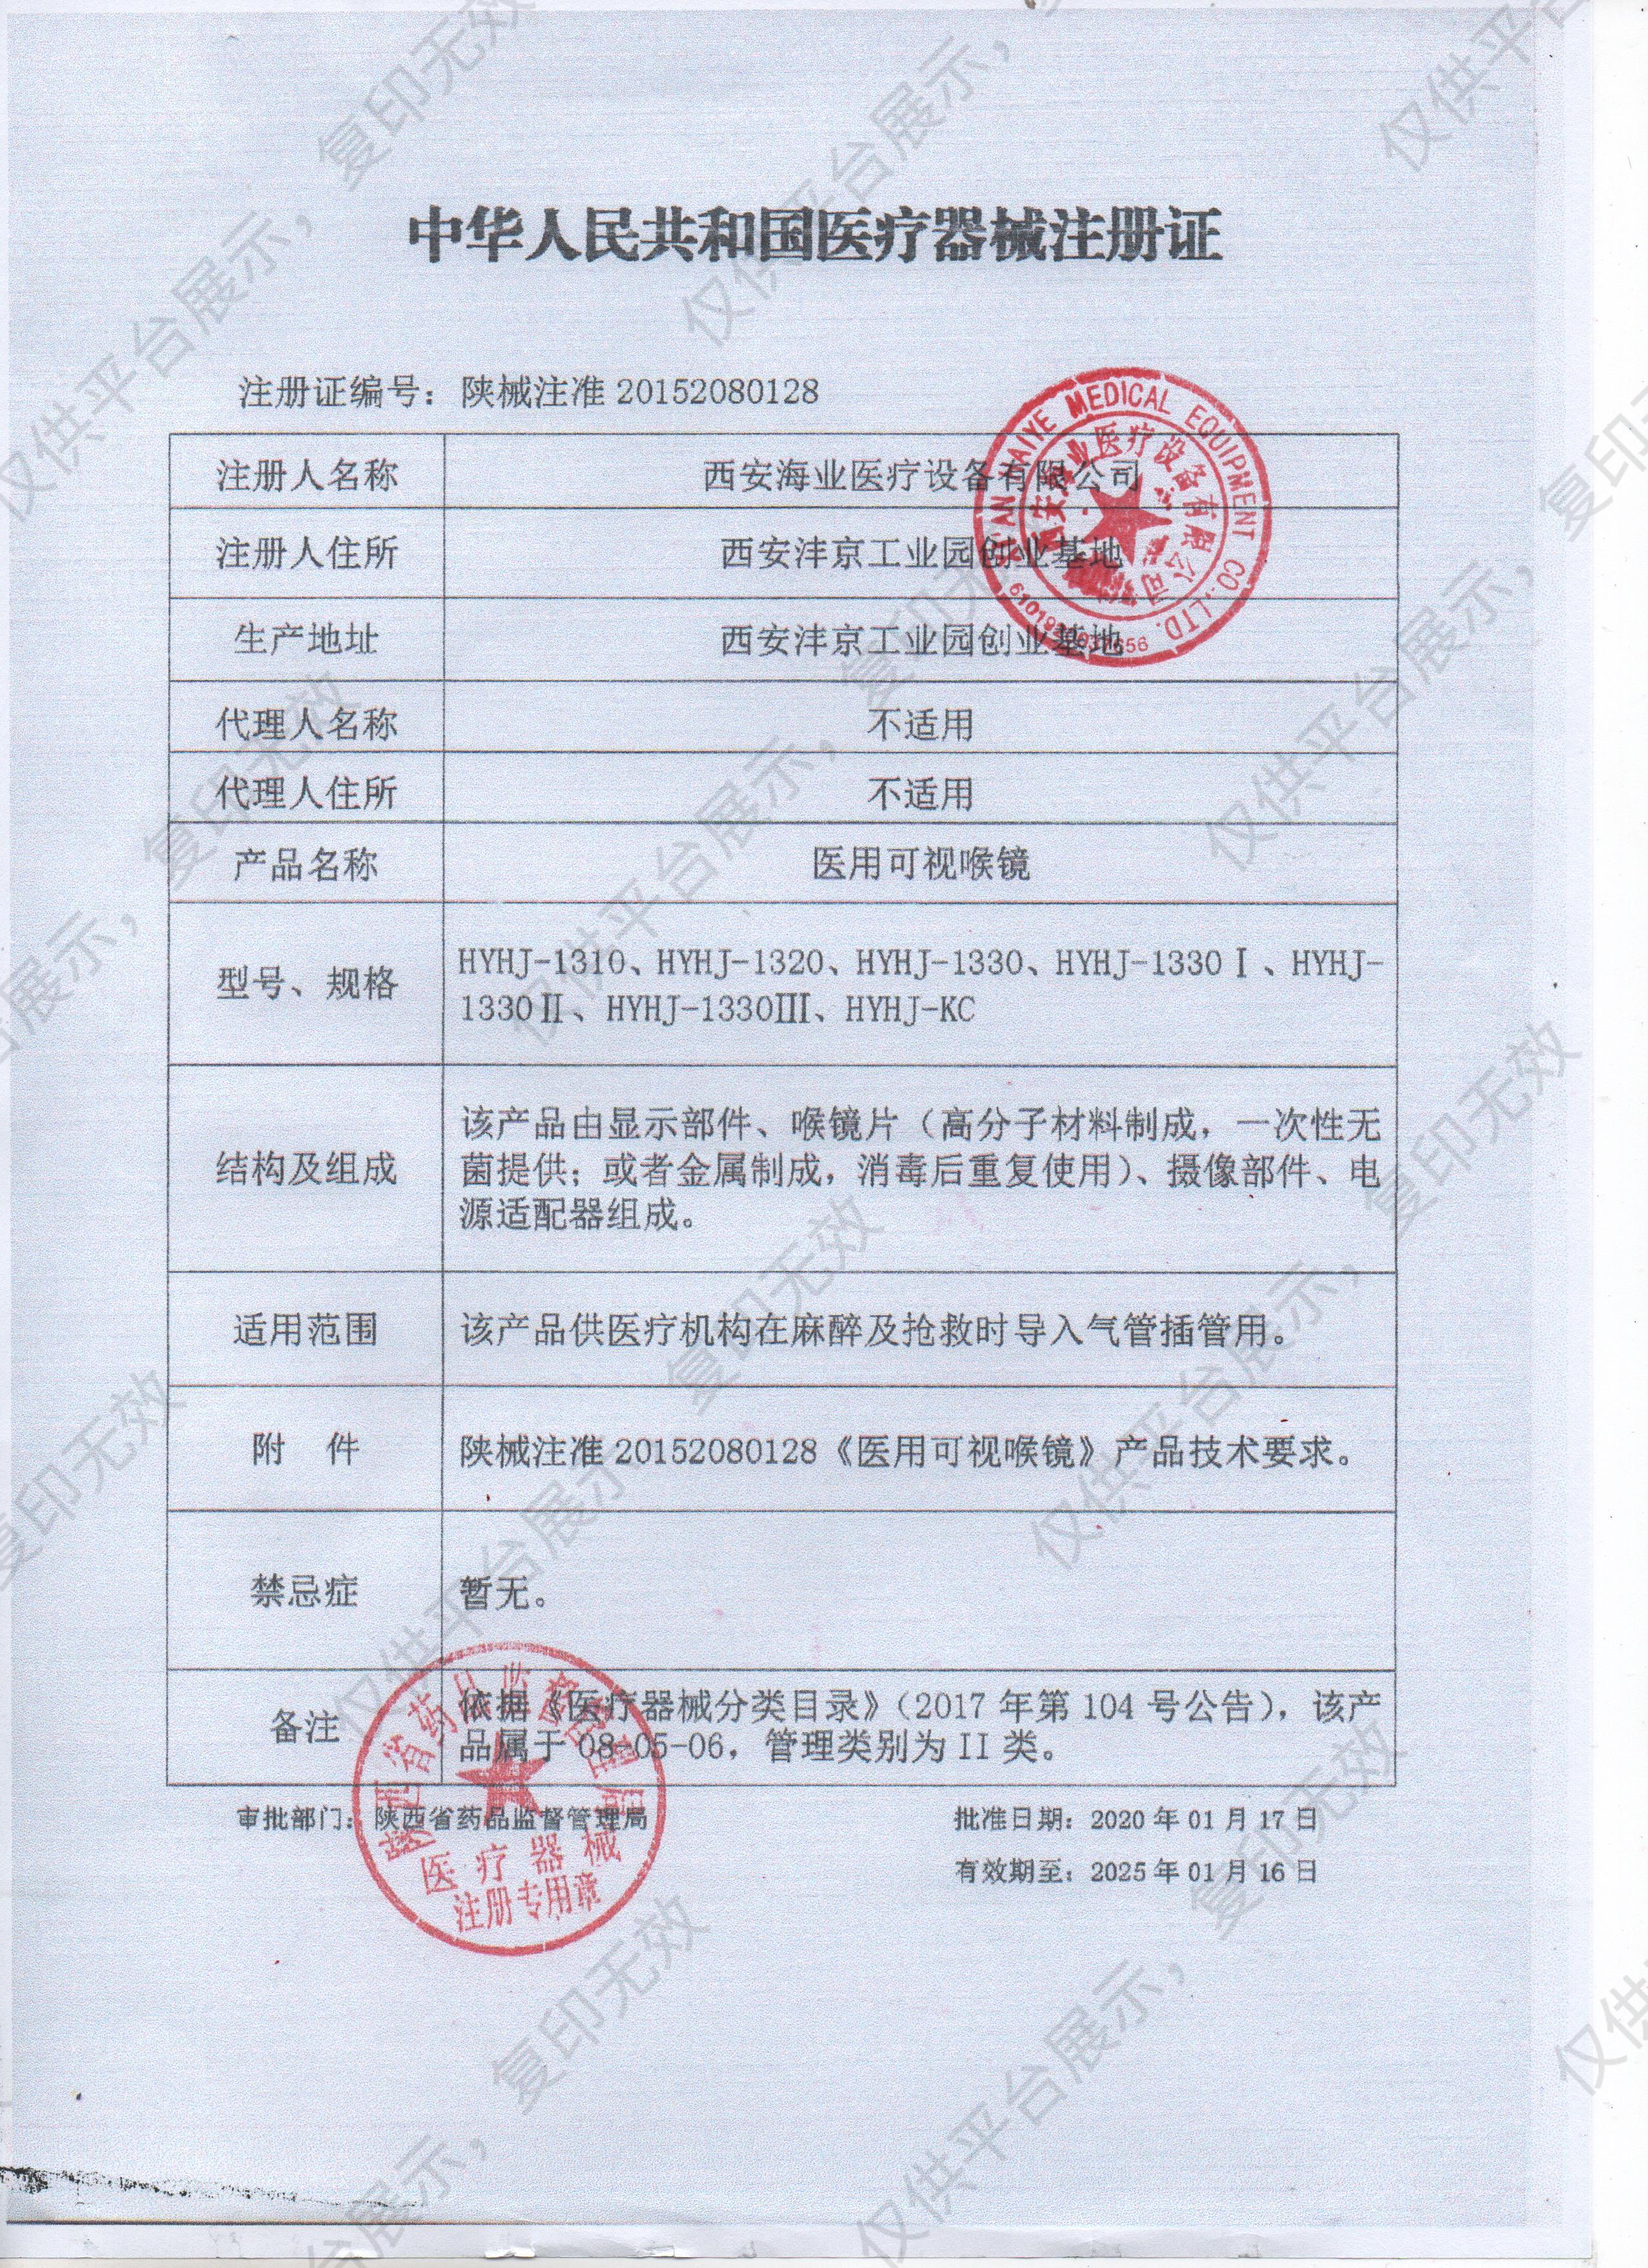 海业医疗 一次性可视喉镜 HYHJ-1320注册证